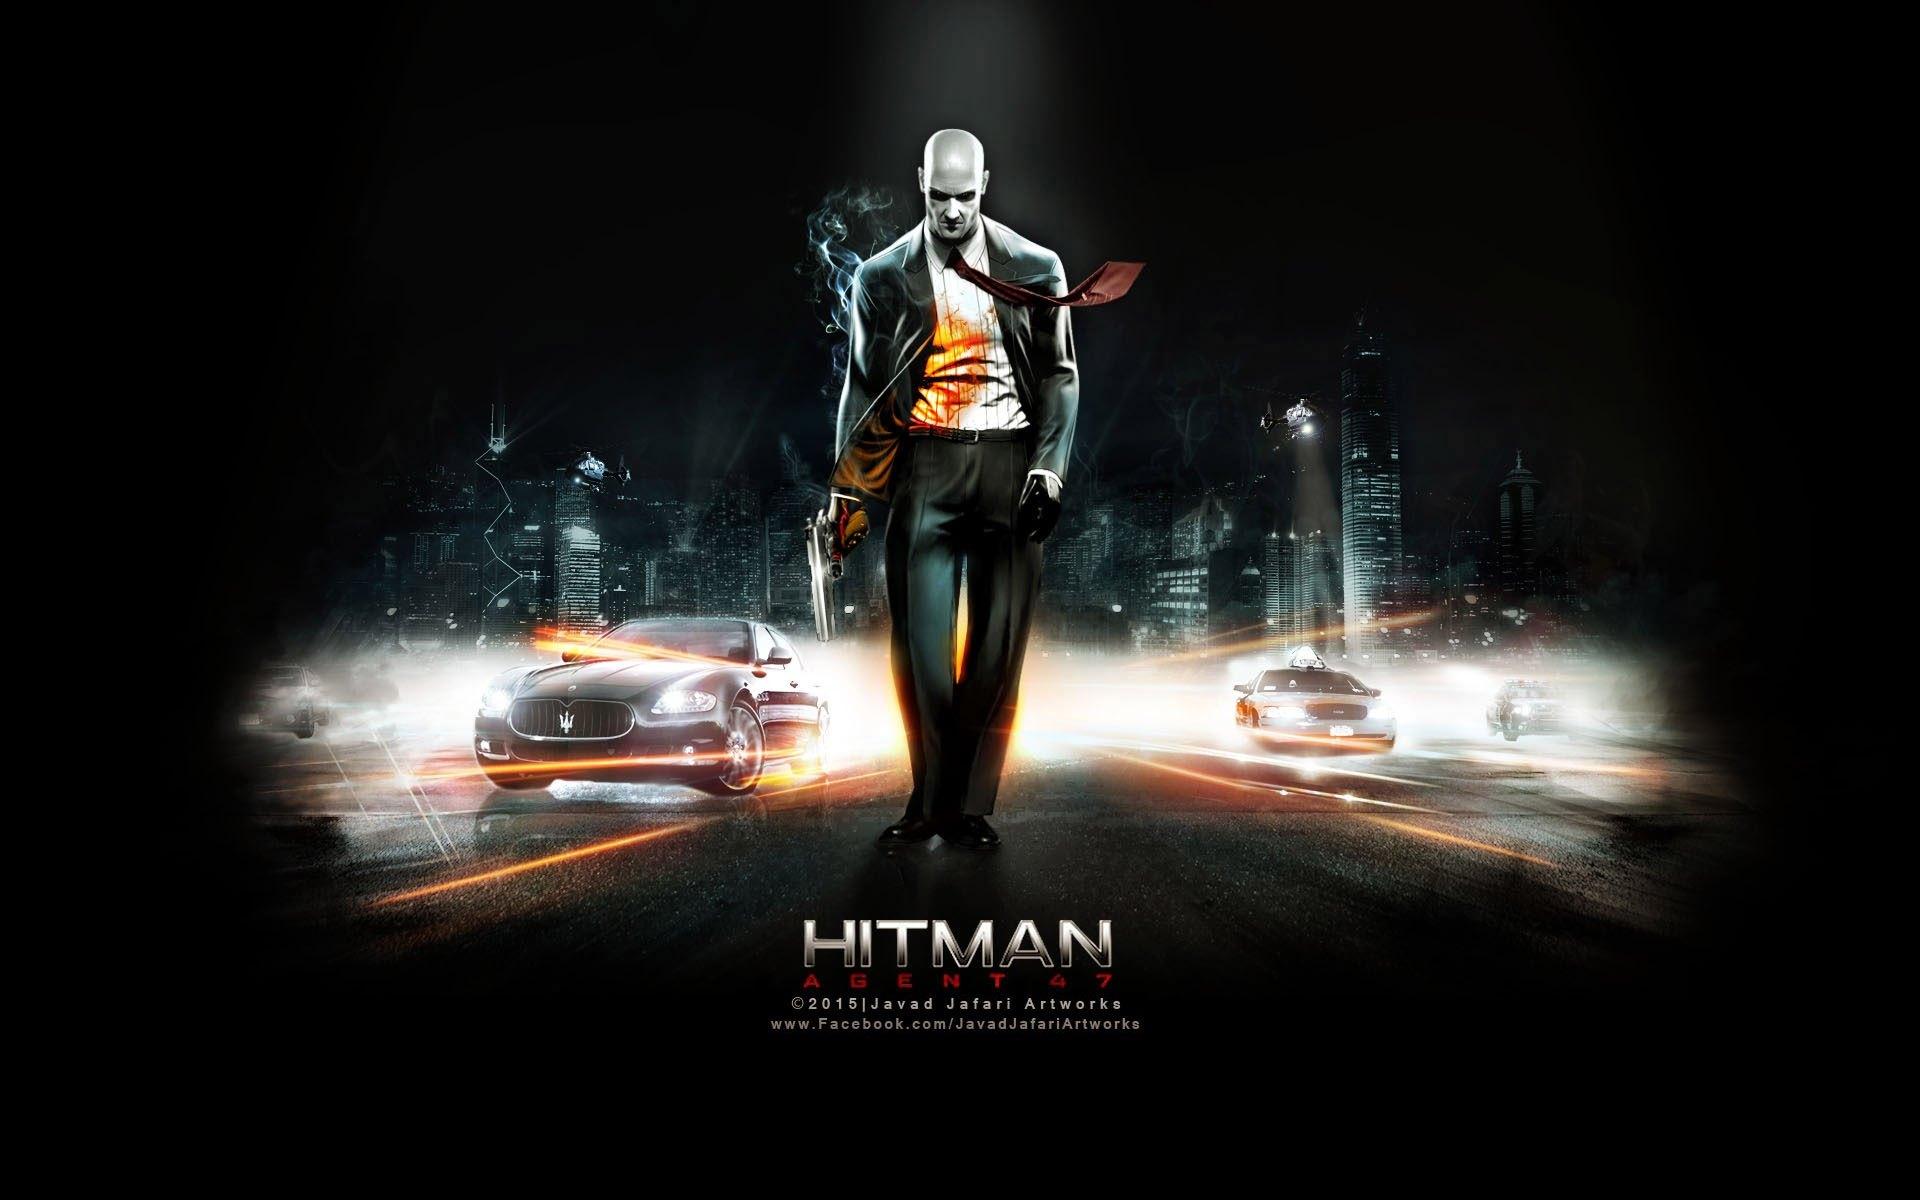 دانلود فیلم سینمایی Hitman: Agent 47  2015